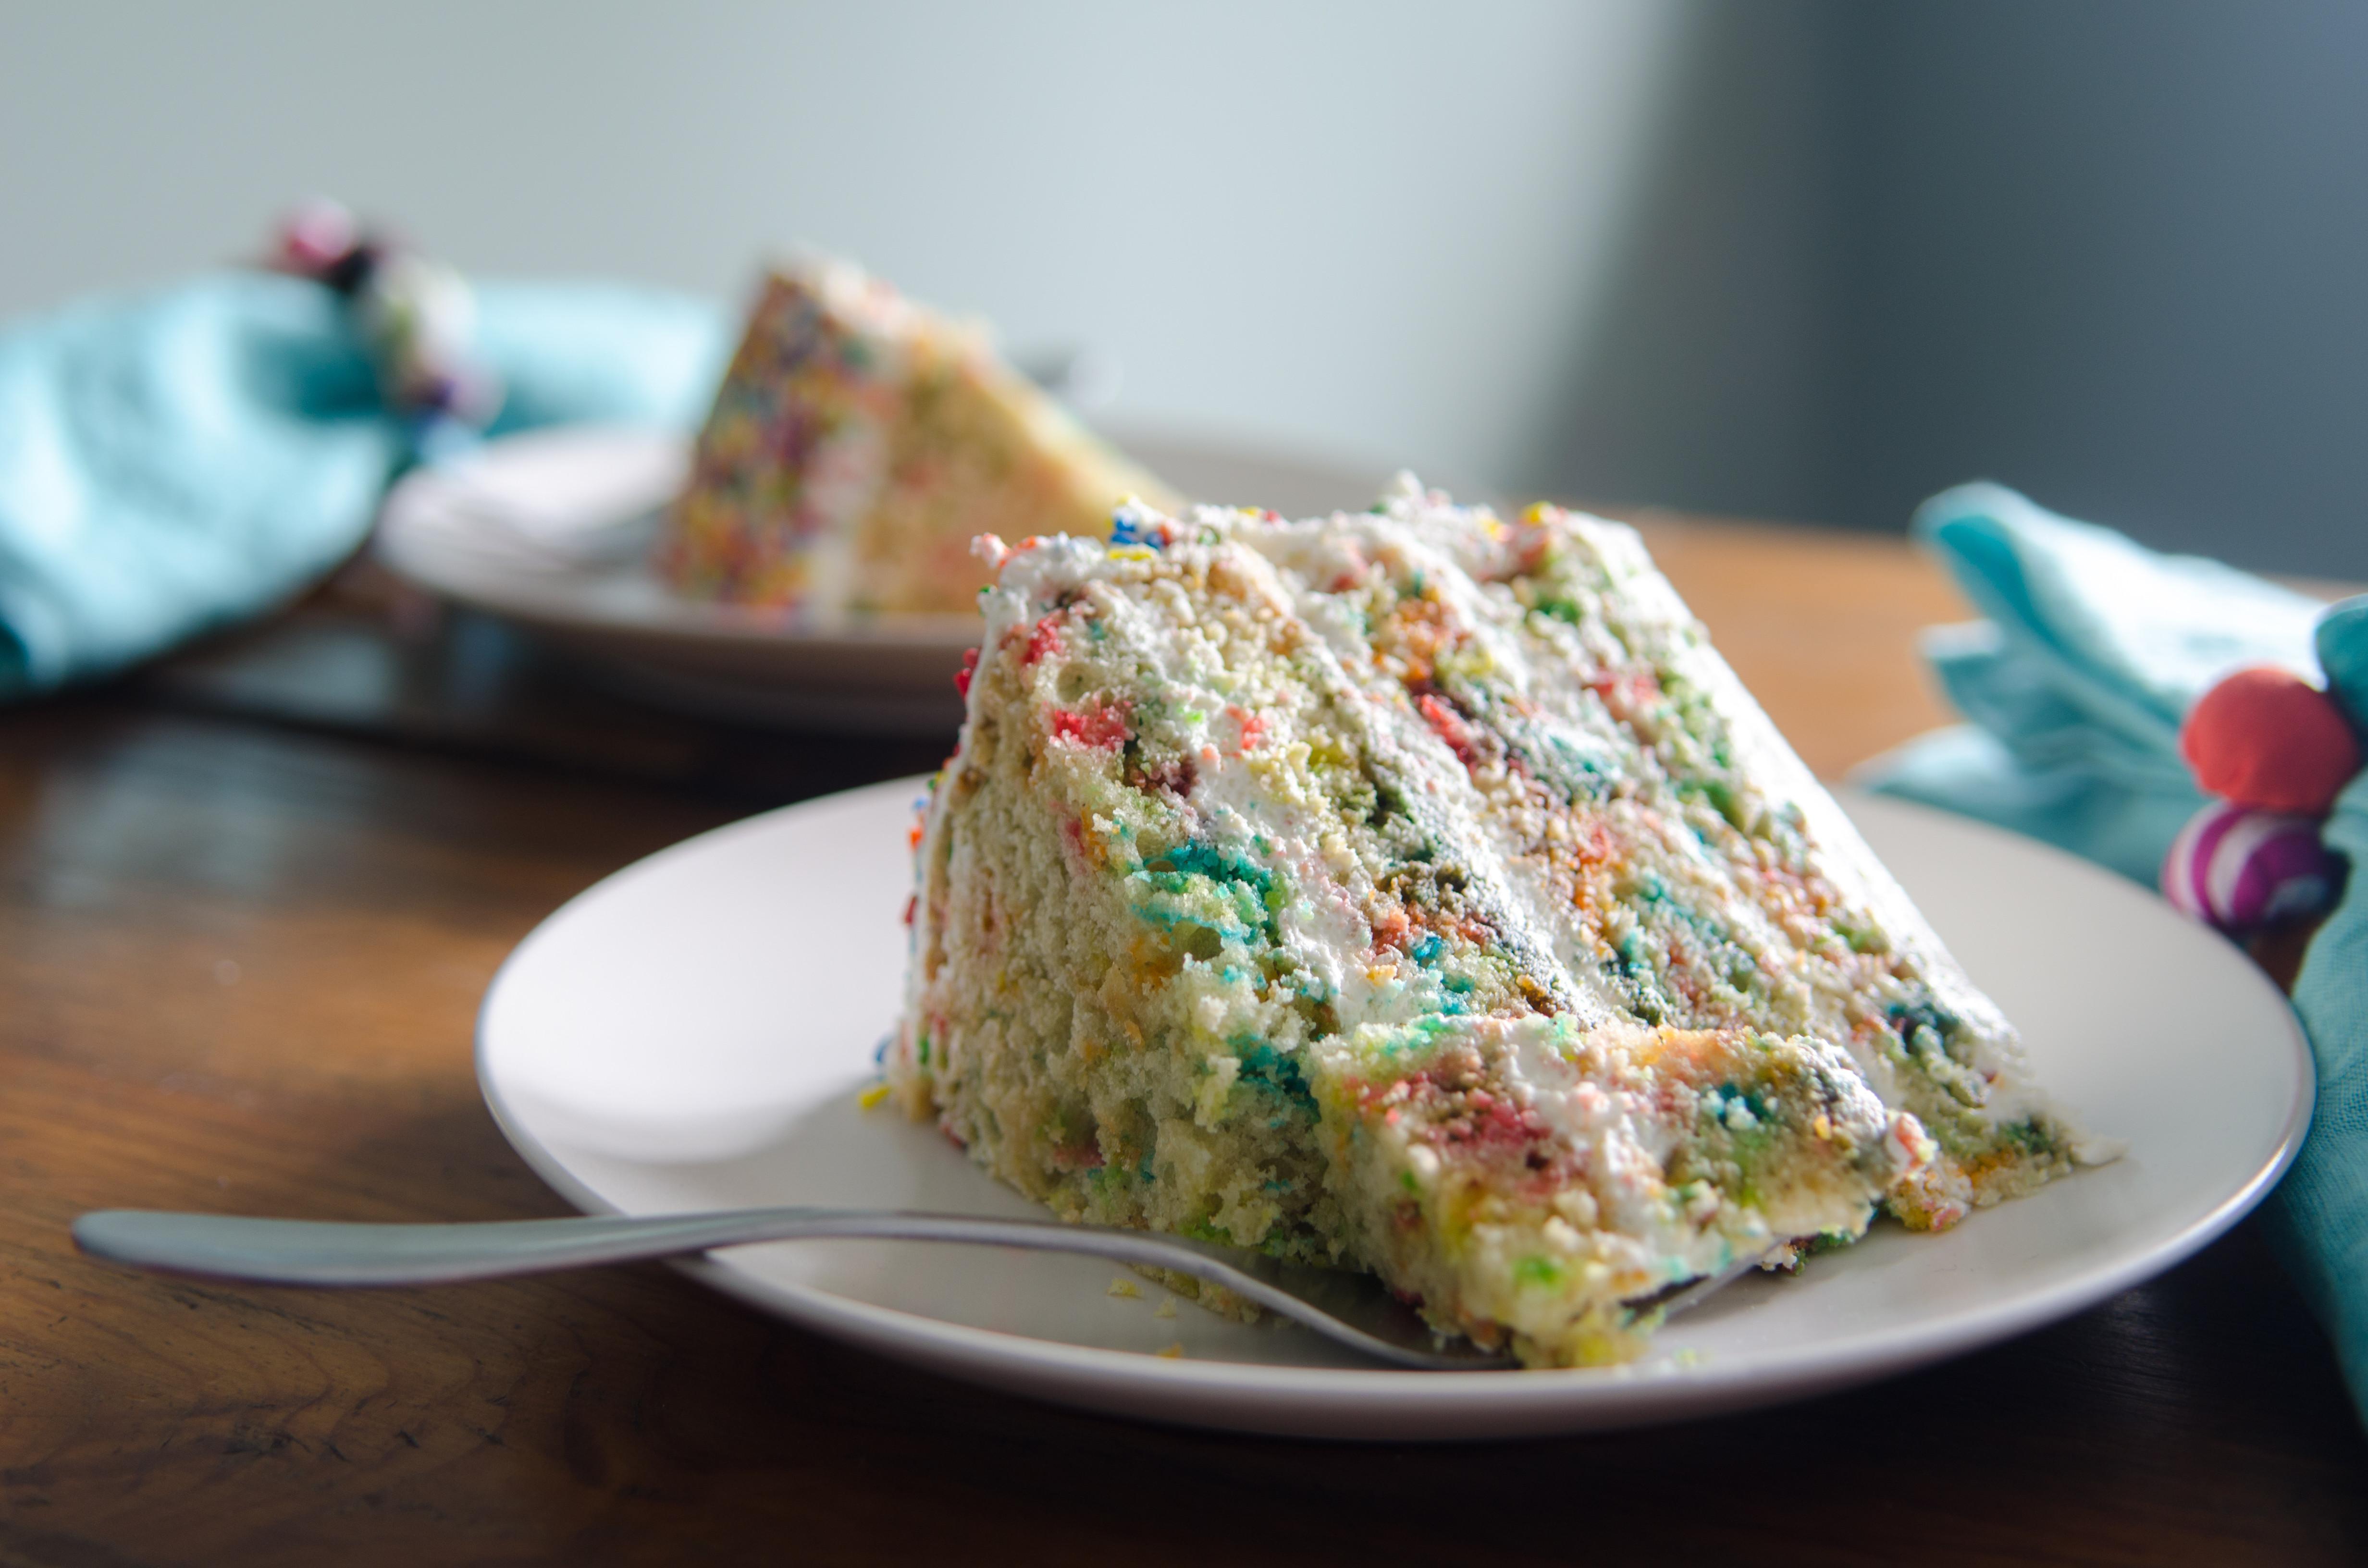 Confetti Cake Recipe  Homemade Gluten Free Confetti Cake